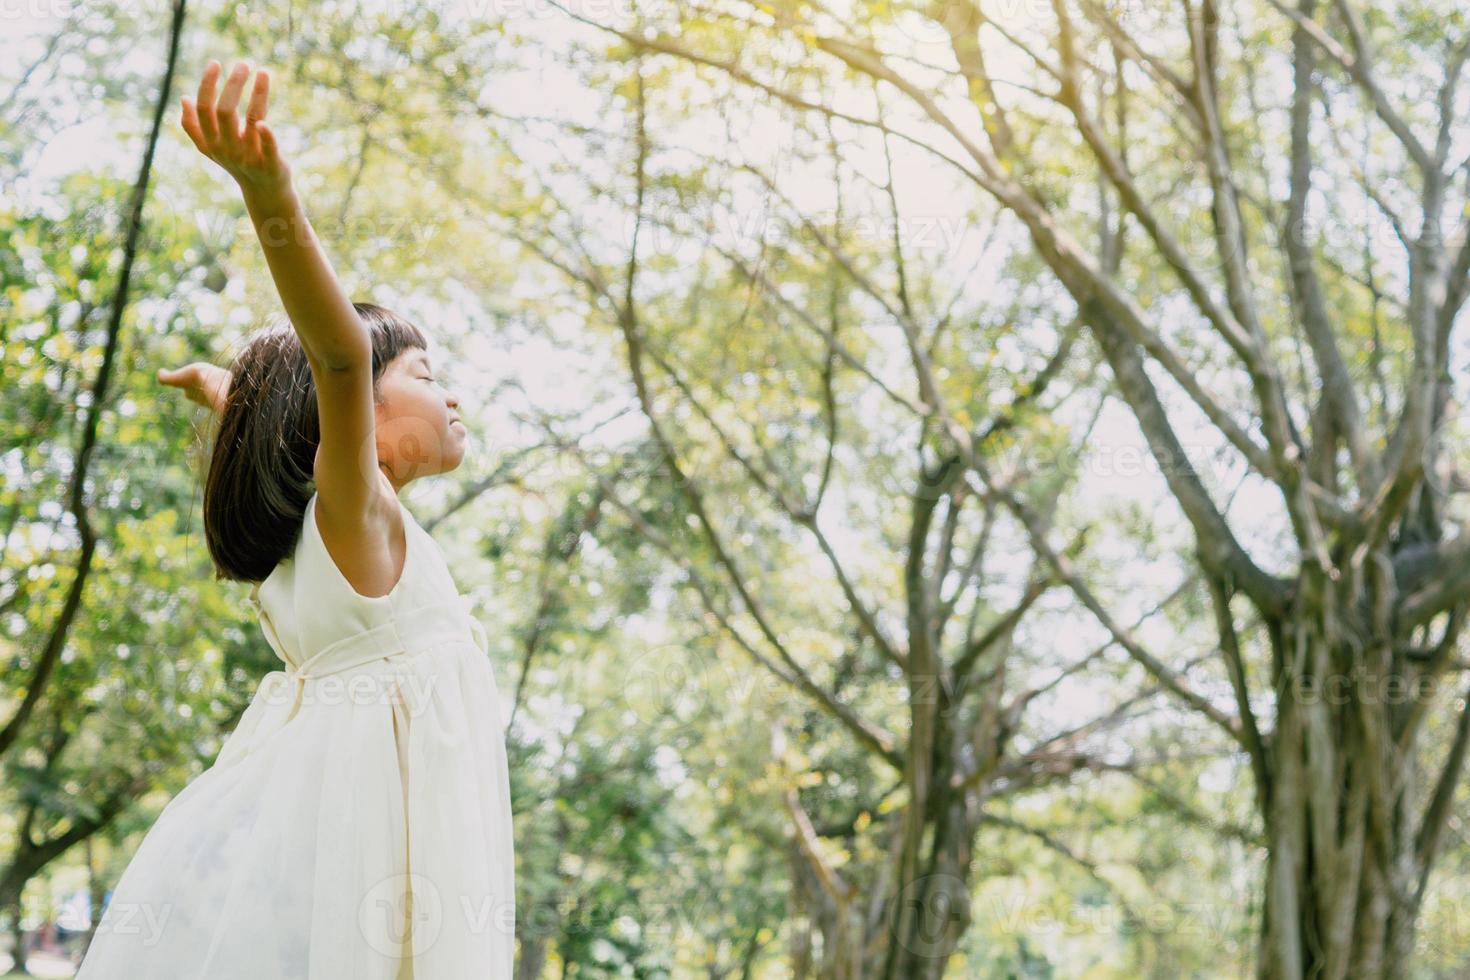 niña feliz y libre en el parque foto